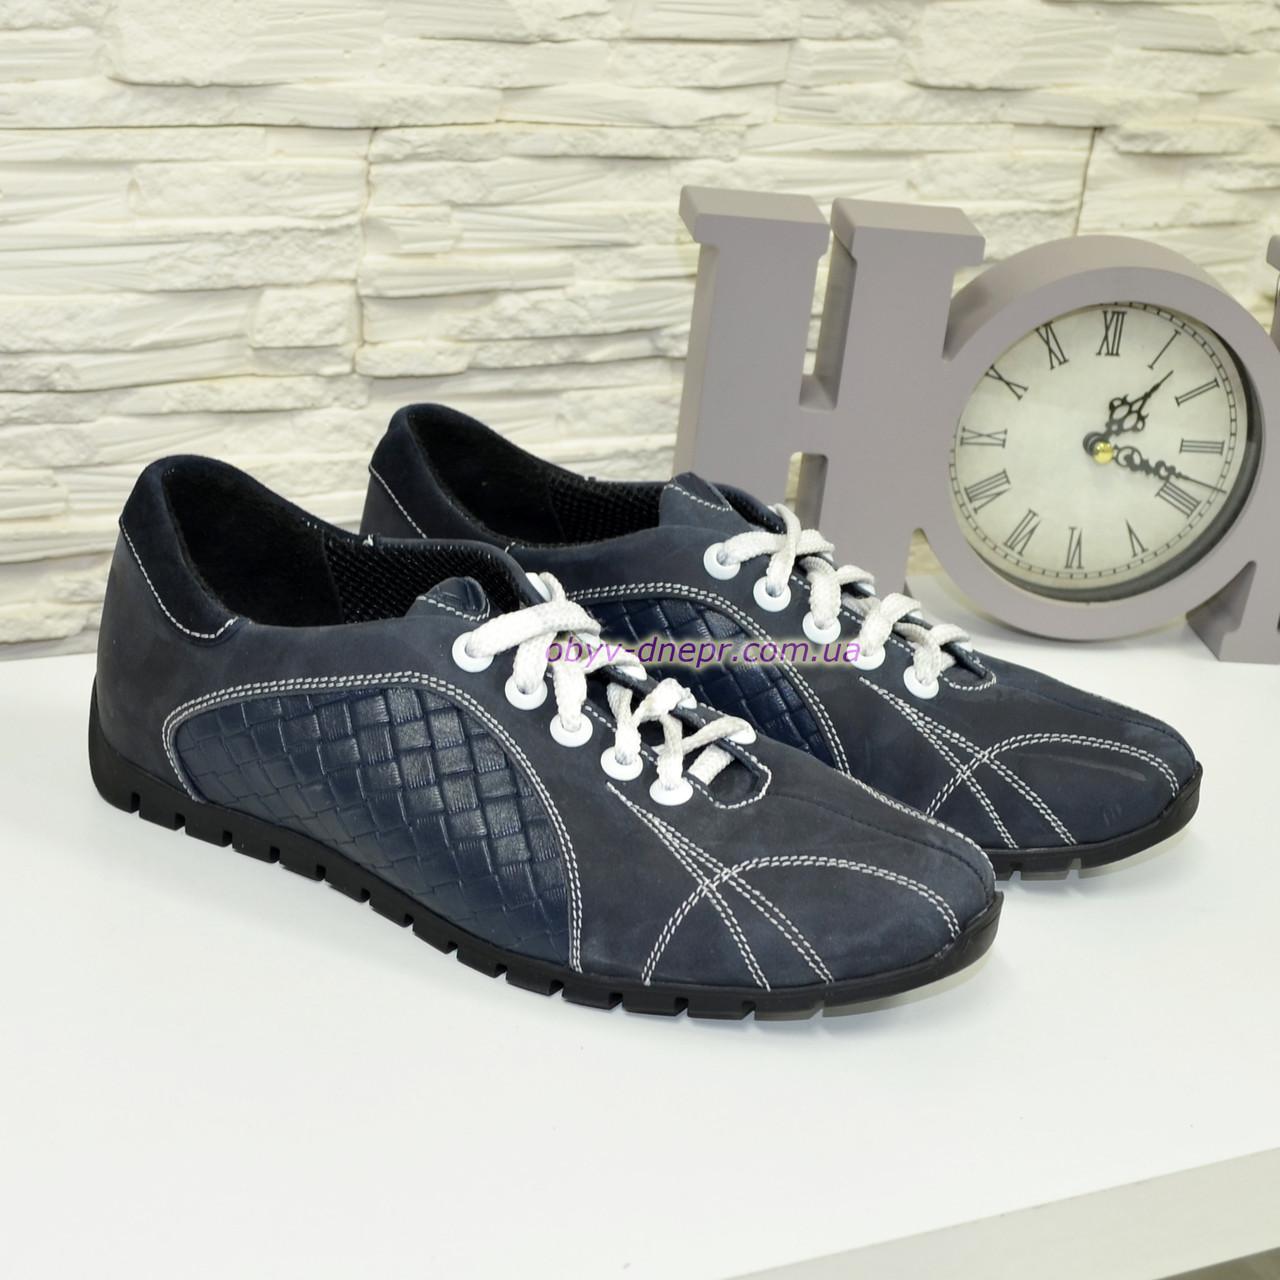 08549ced Туфли-кроссовки мужские комфортные, из натуральной кожи нубук, цвет синий